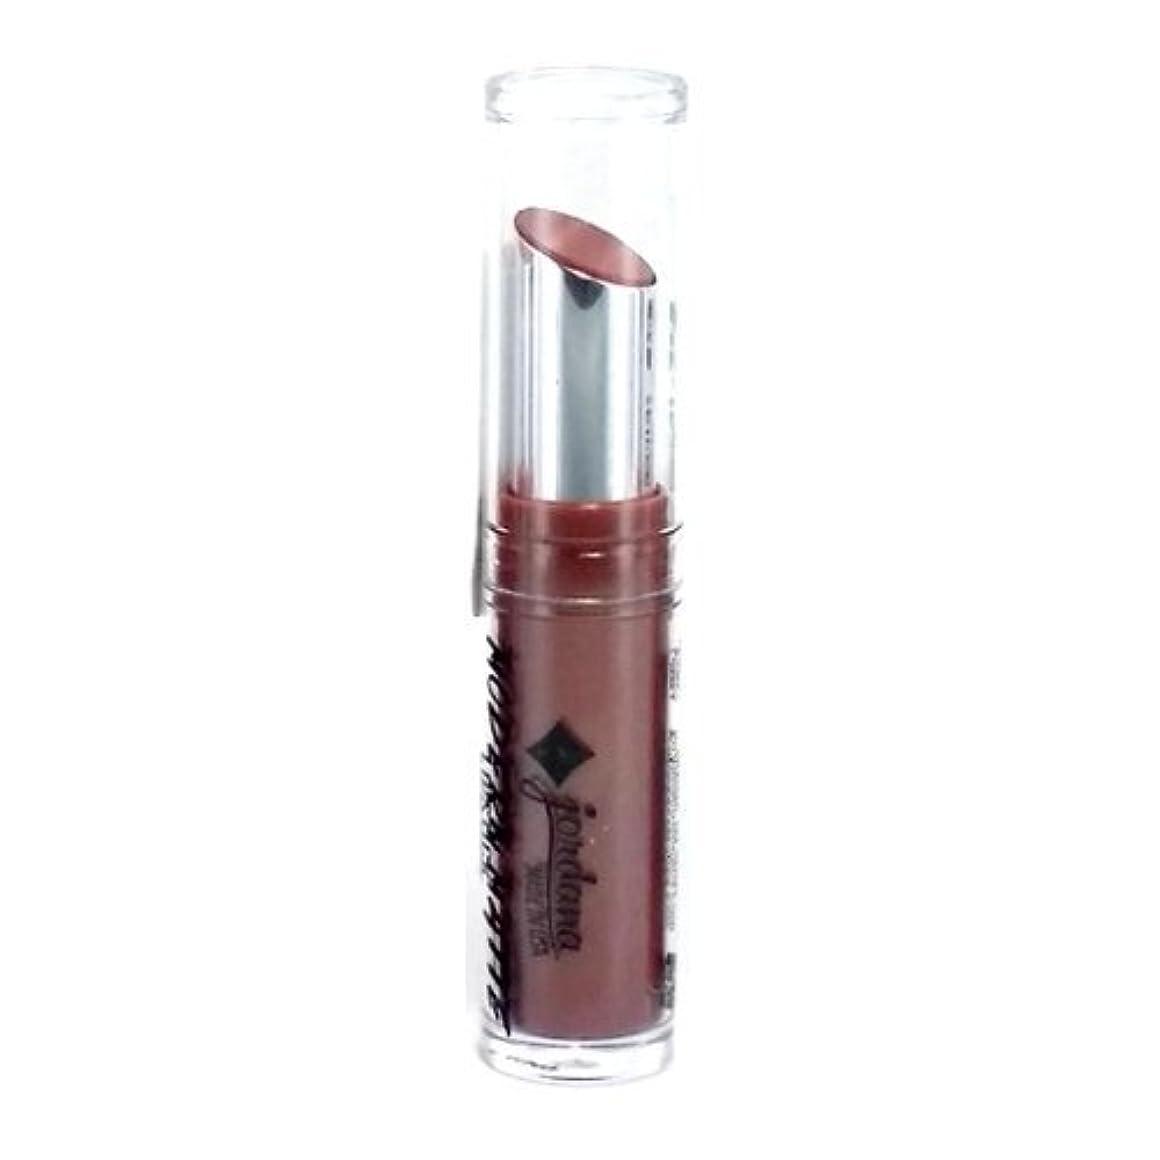 髄評価マイクロJORDANA Modern Matte Lipstick Matte Frappuccino (並行輸入品)